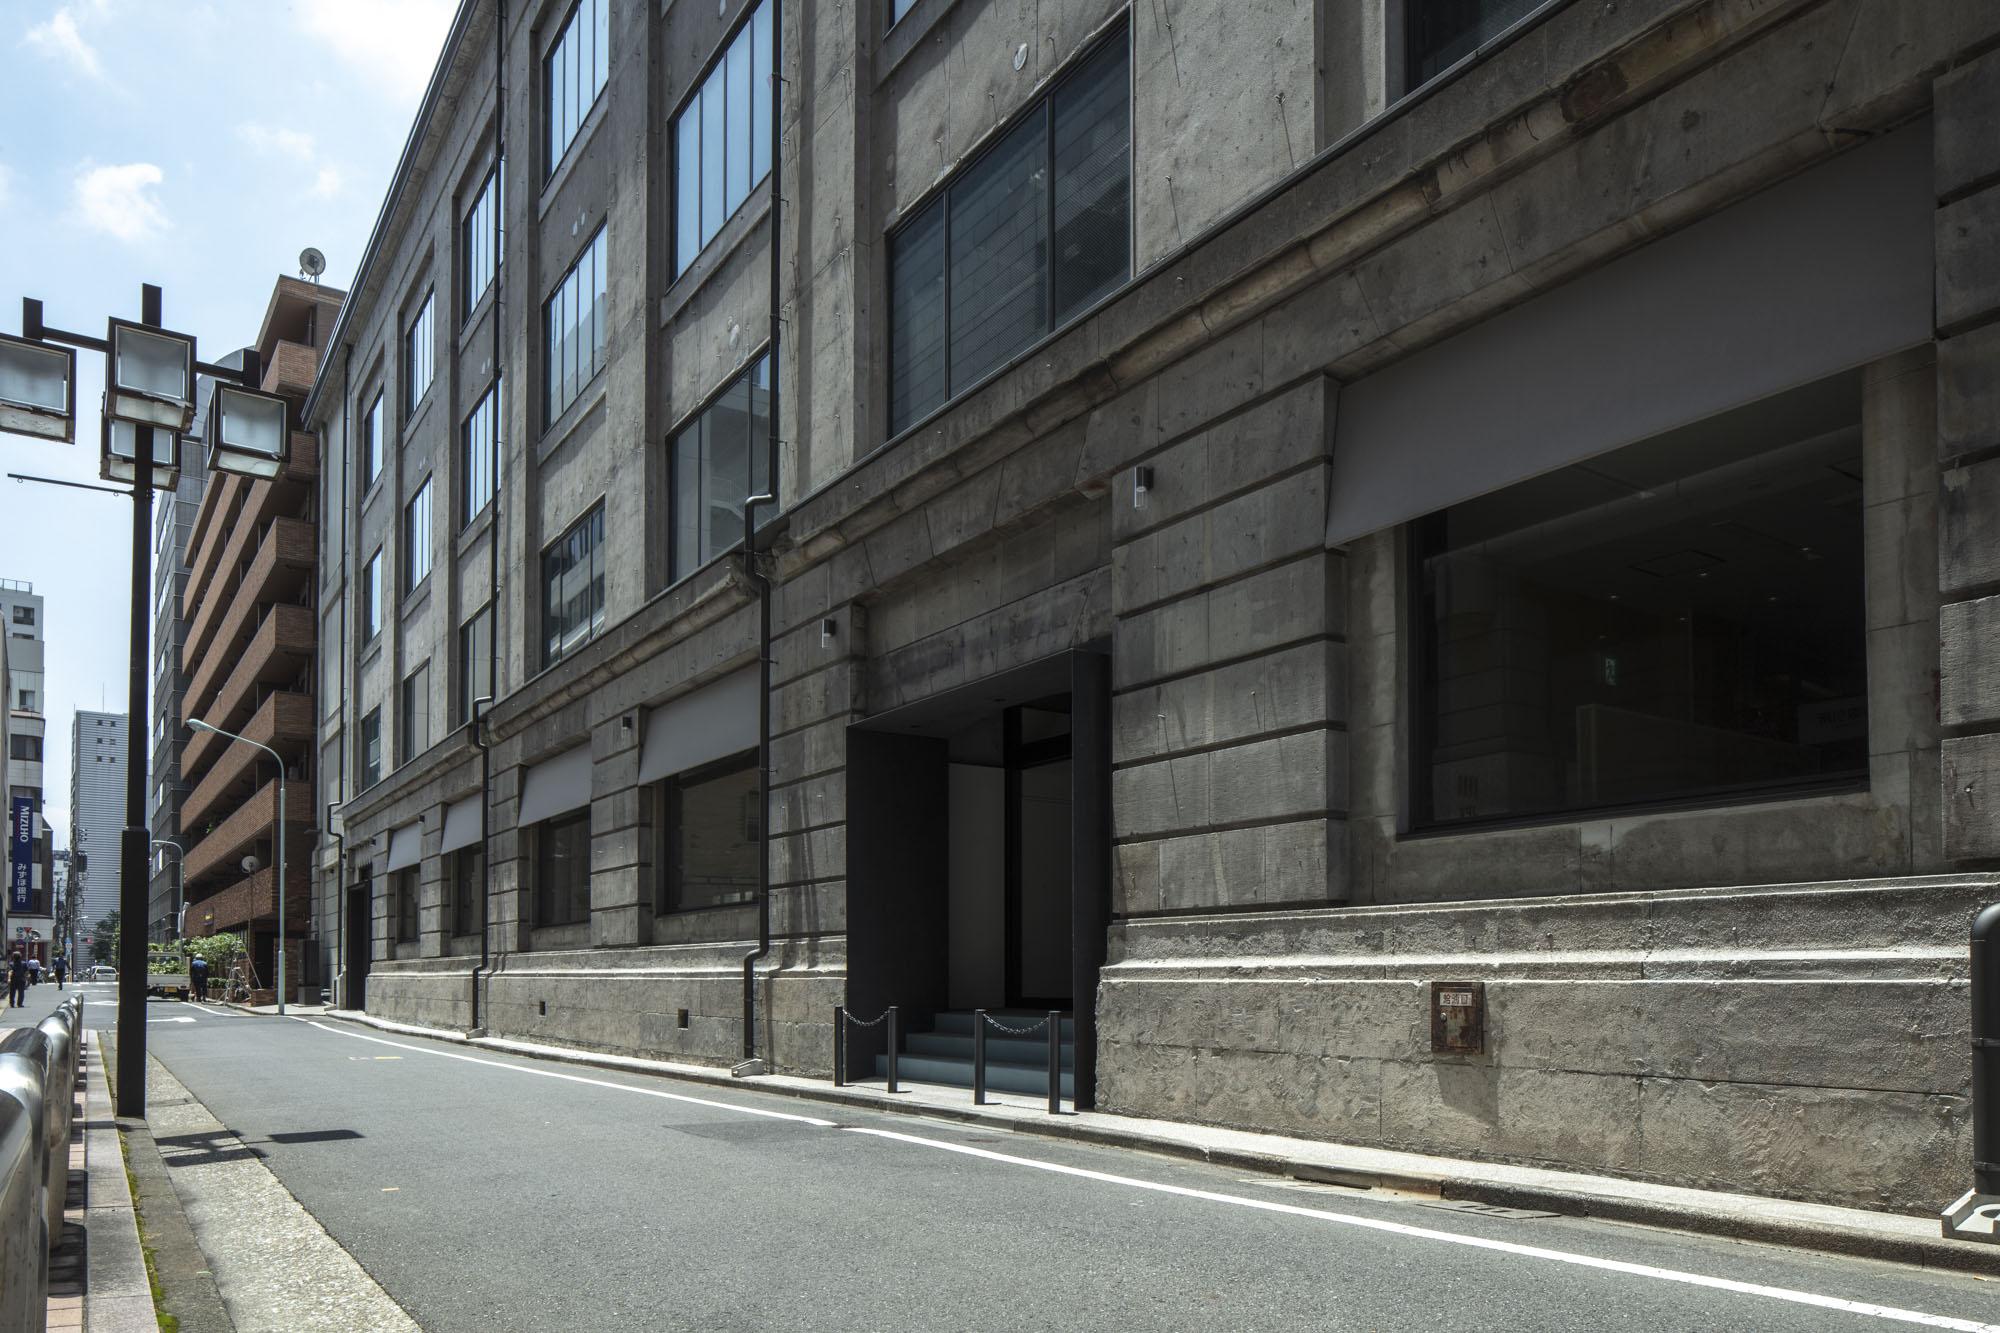 マイクロ複合施設「K5」、日本橋にオープン ブティックホテルも